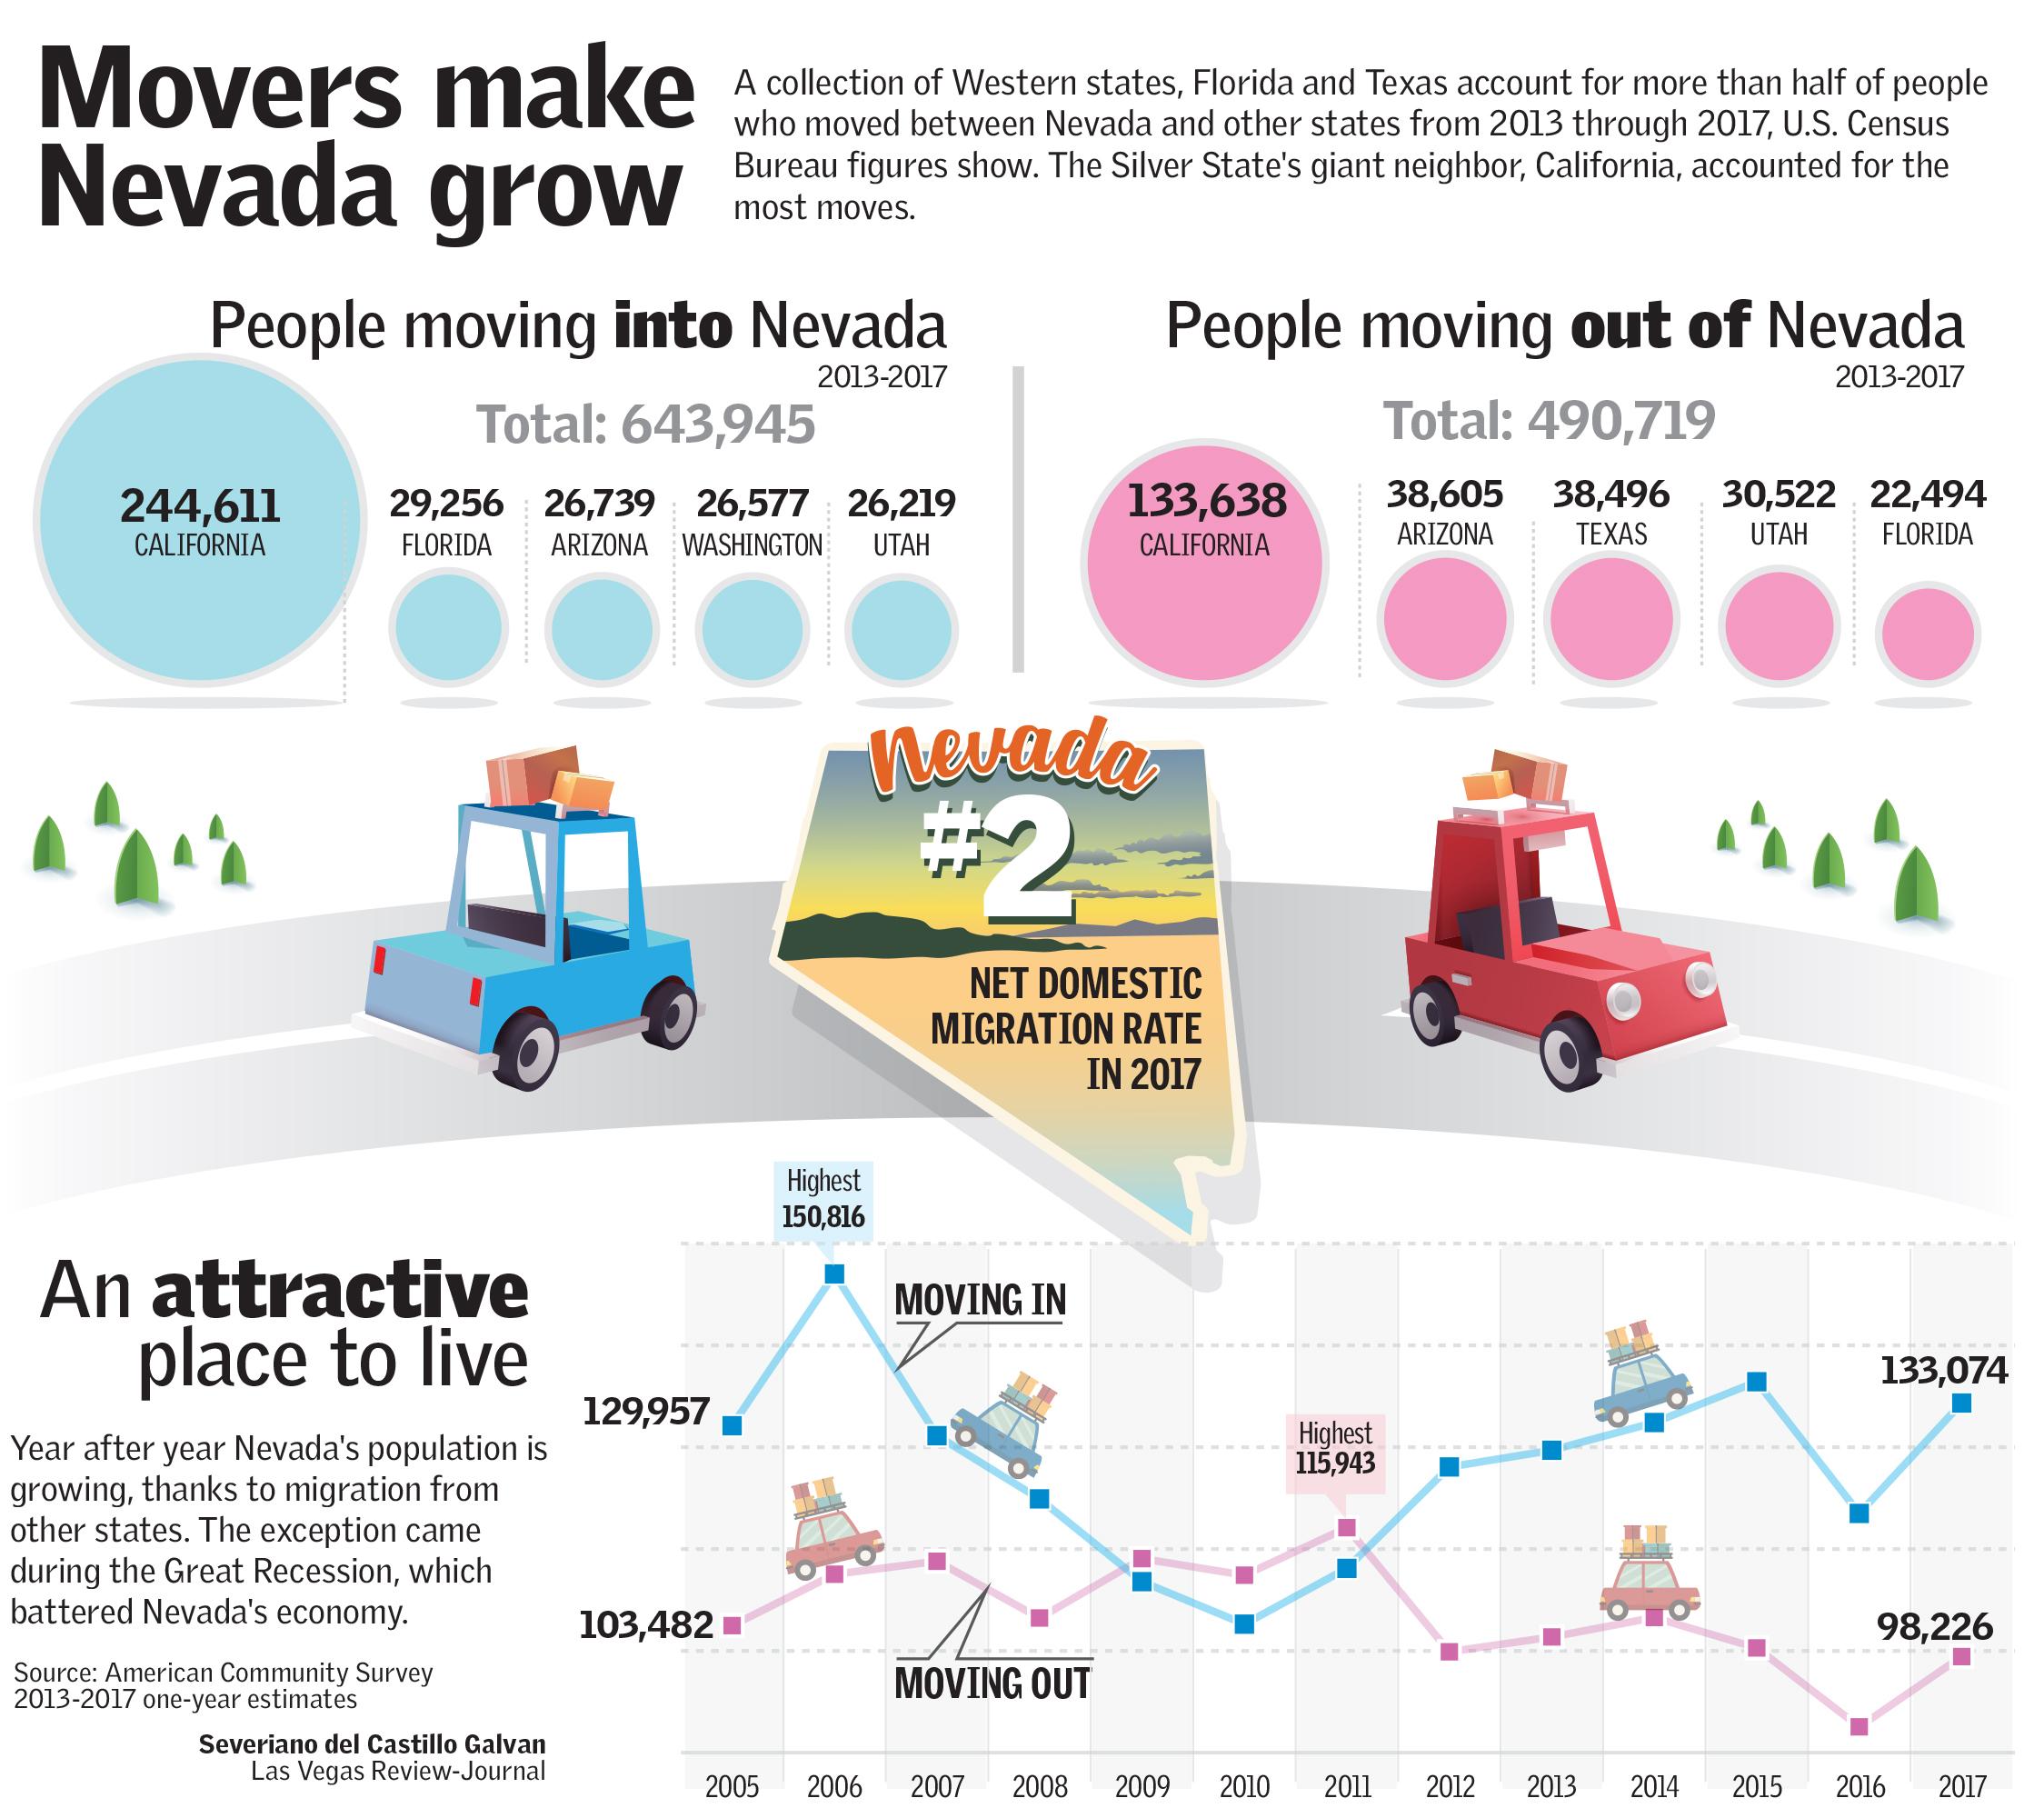 Movers make Nevada grow